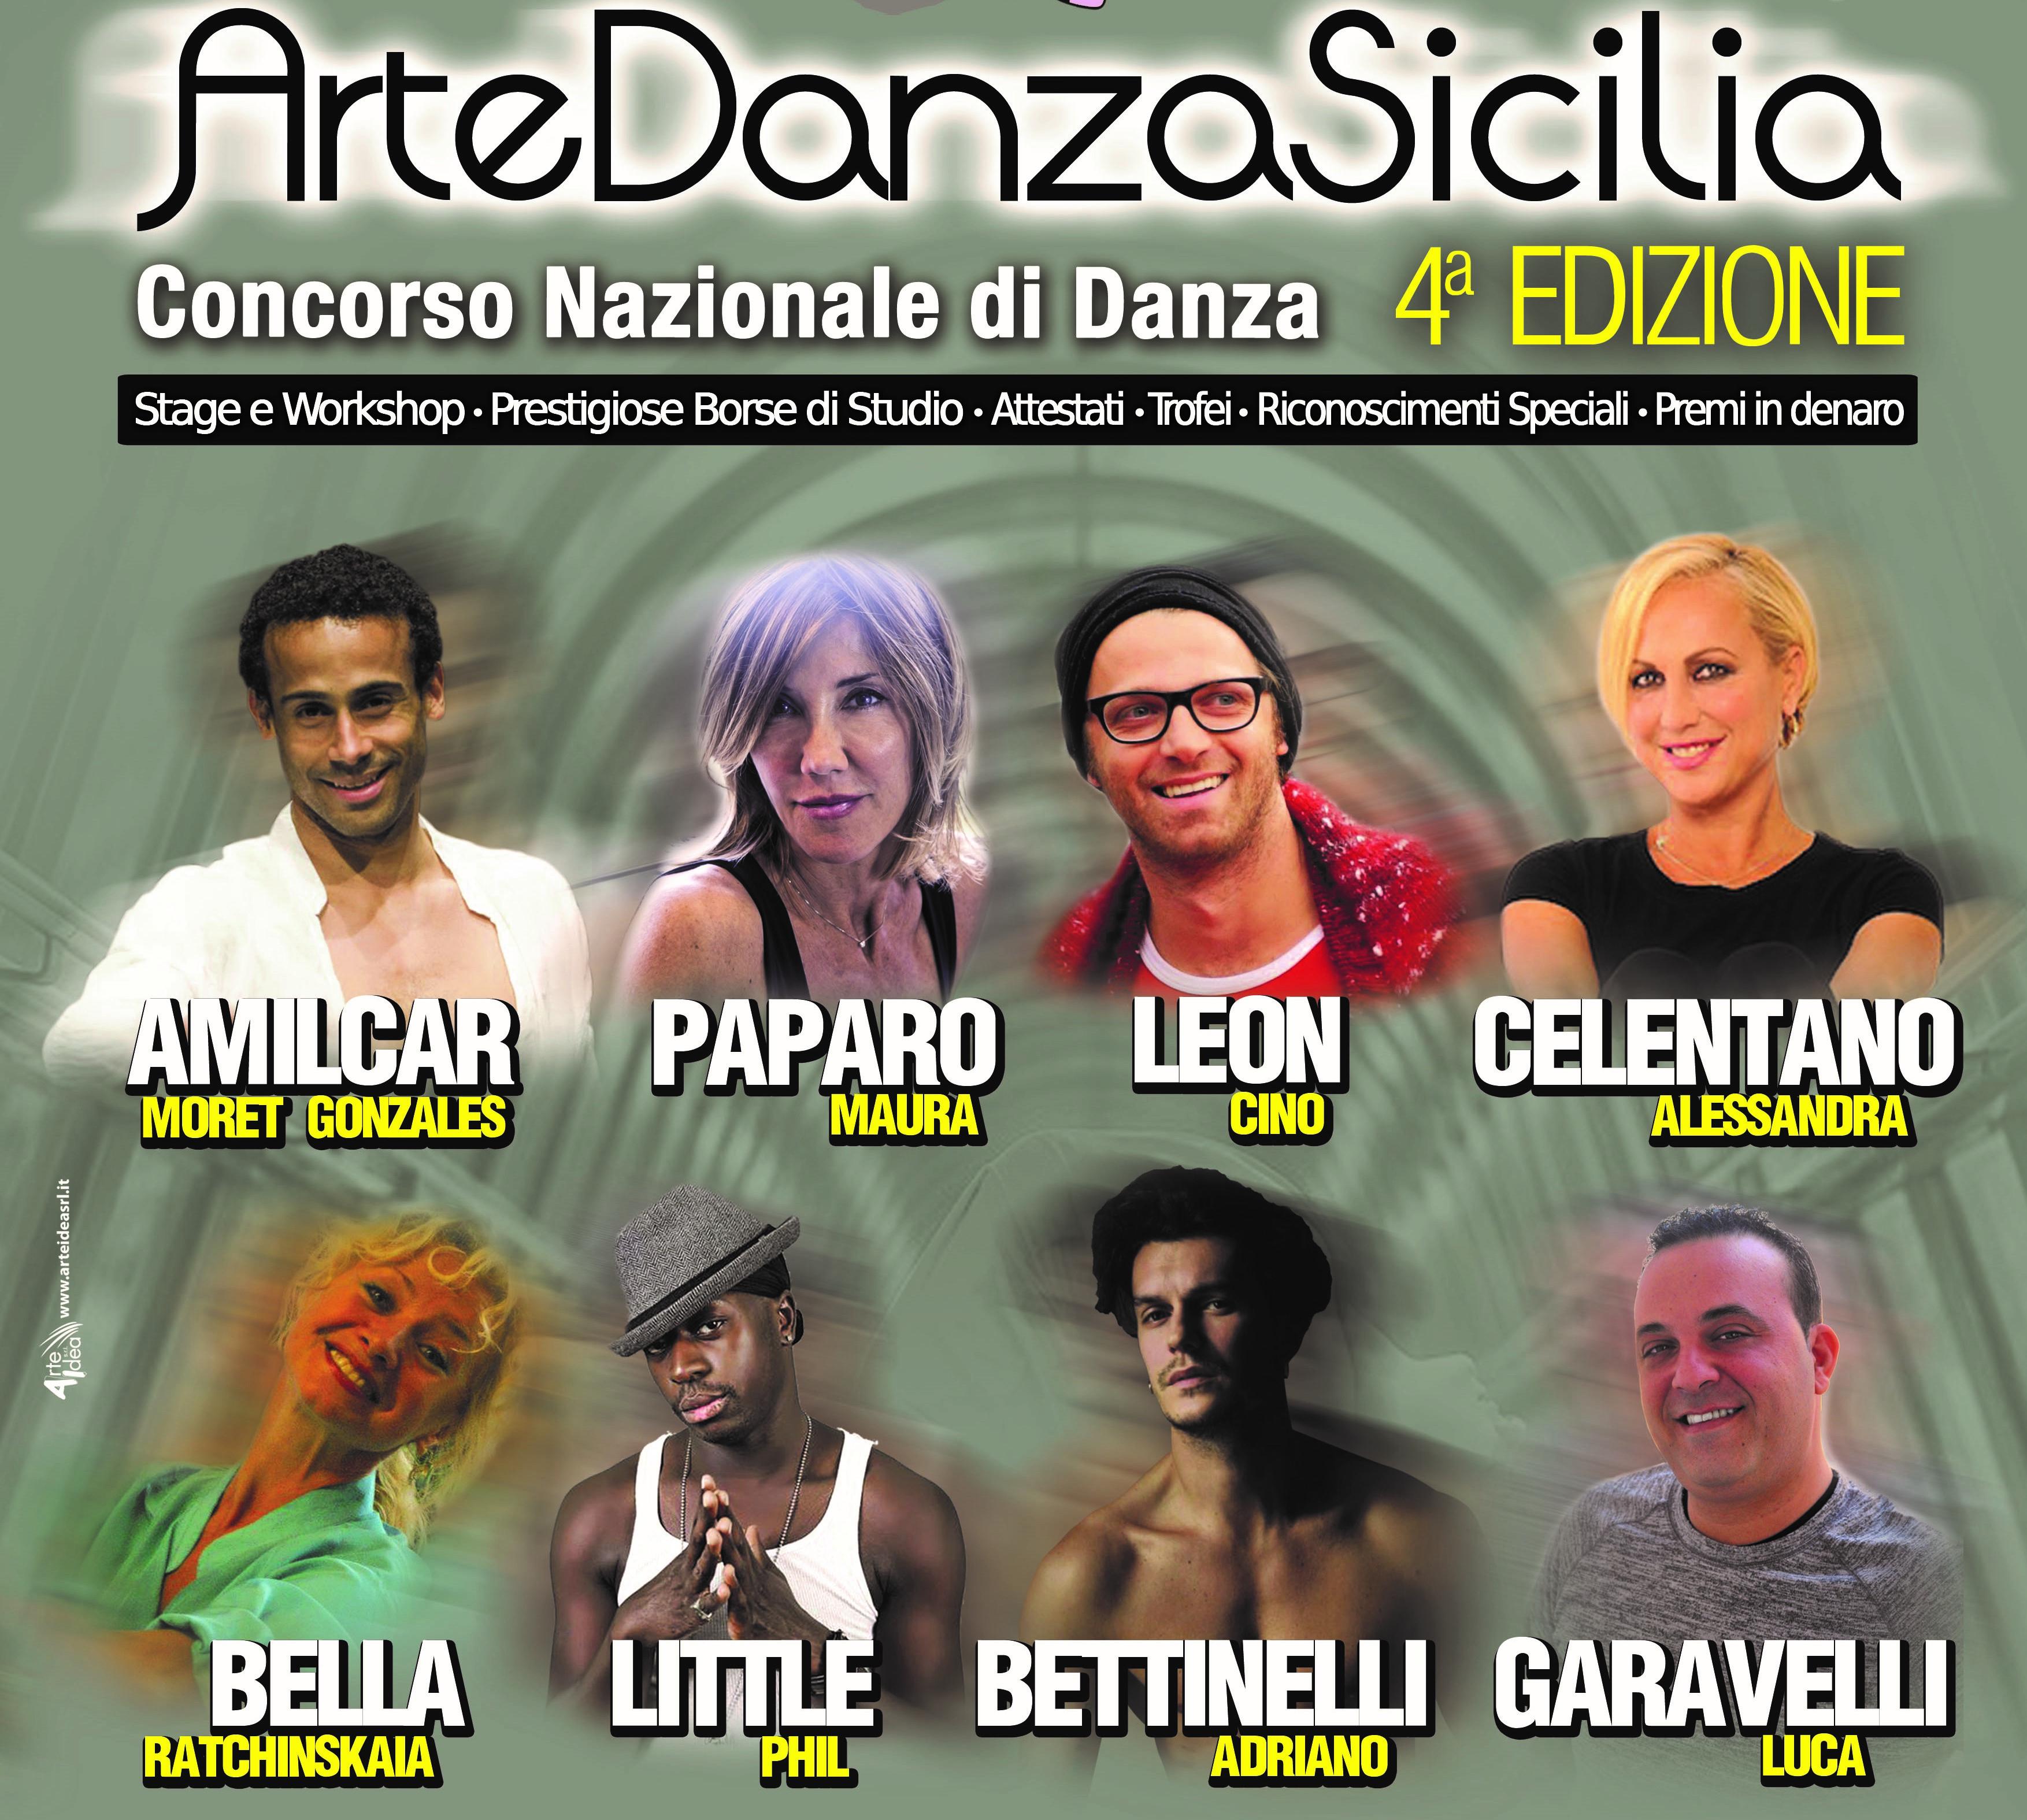 FENALC DANZA NAZIONALE: 4° Edizione Concorso Nazionale di Danza